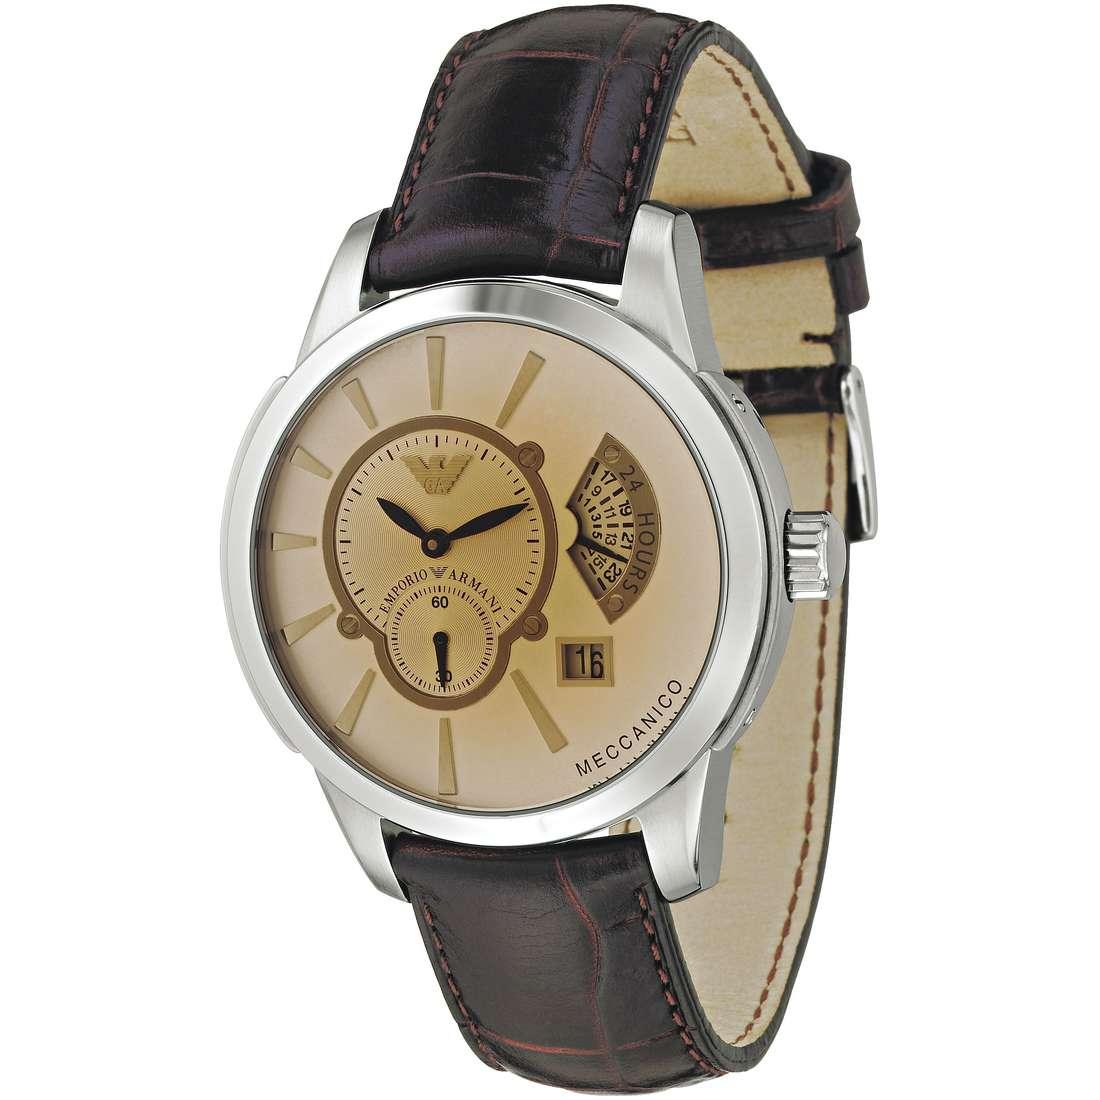 watch mechanical man Emporio Armani AR4604